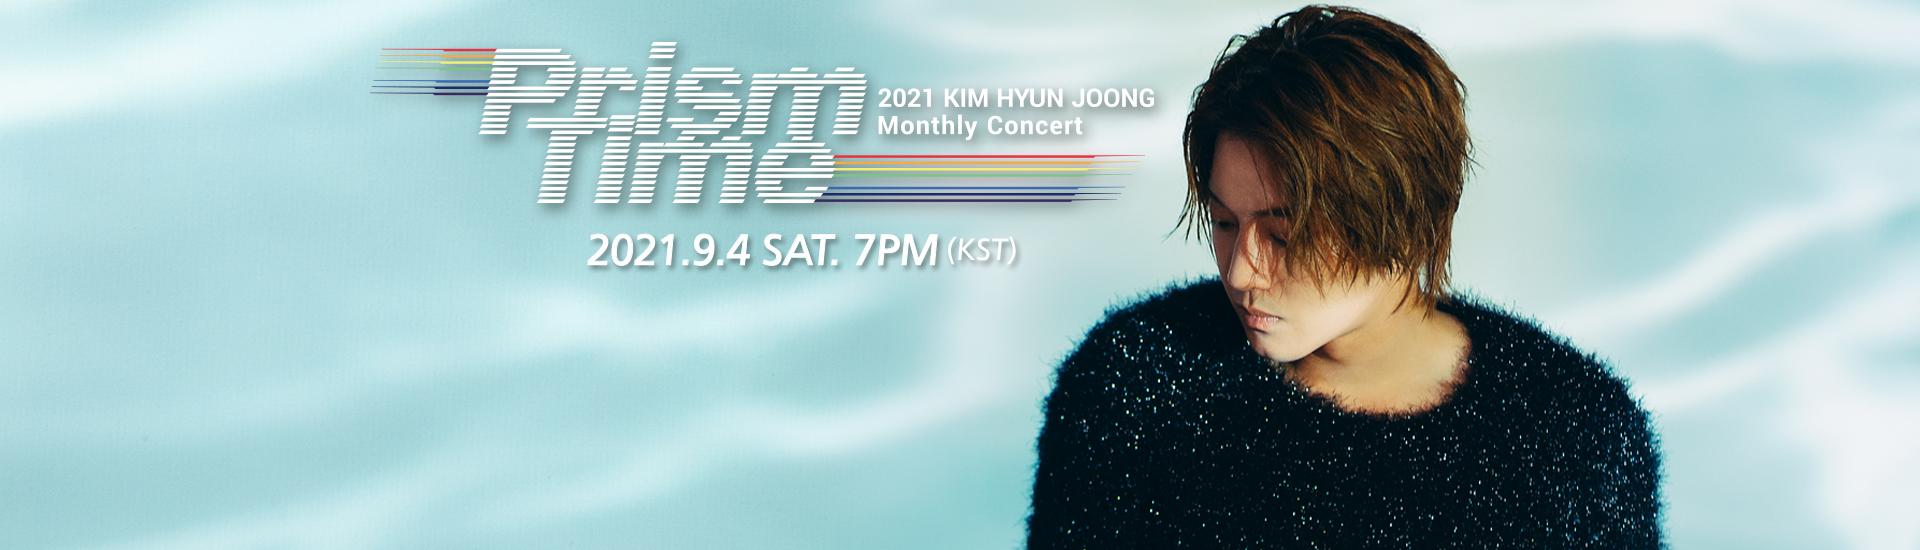 Kim Hyun Joong - KIM HYUN JOONG Monthly Concert 'Prism Time' [Blue]